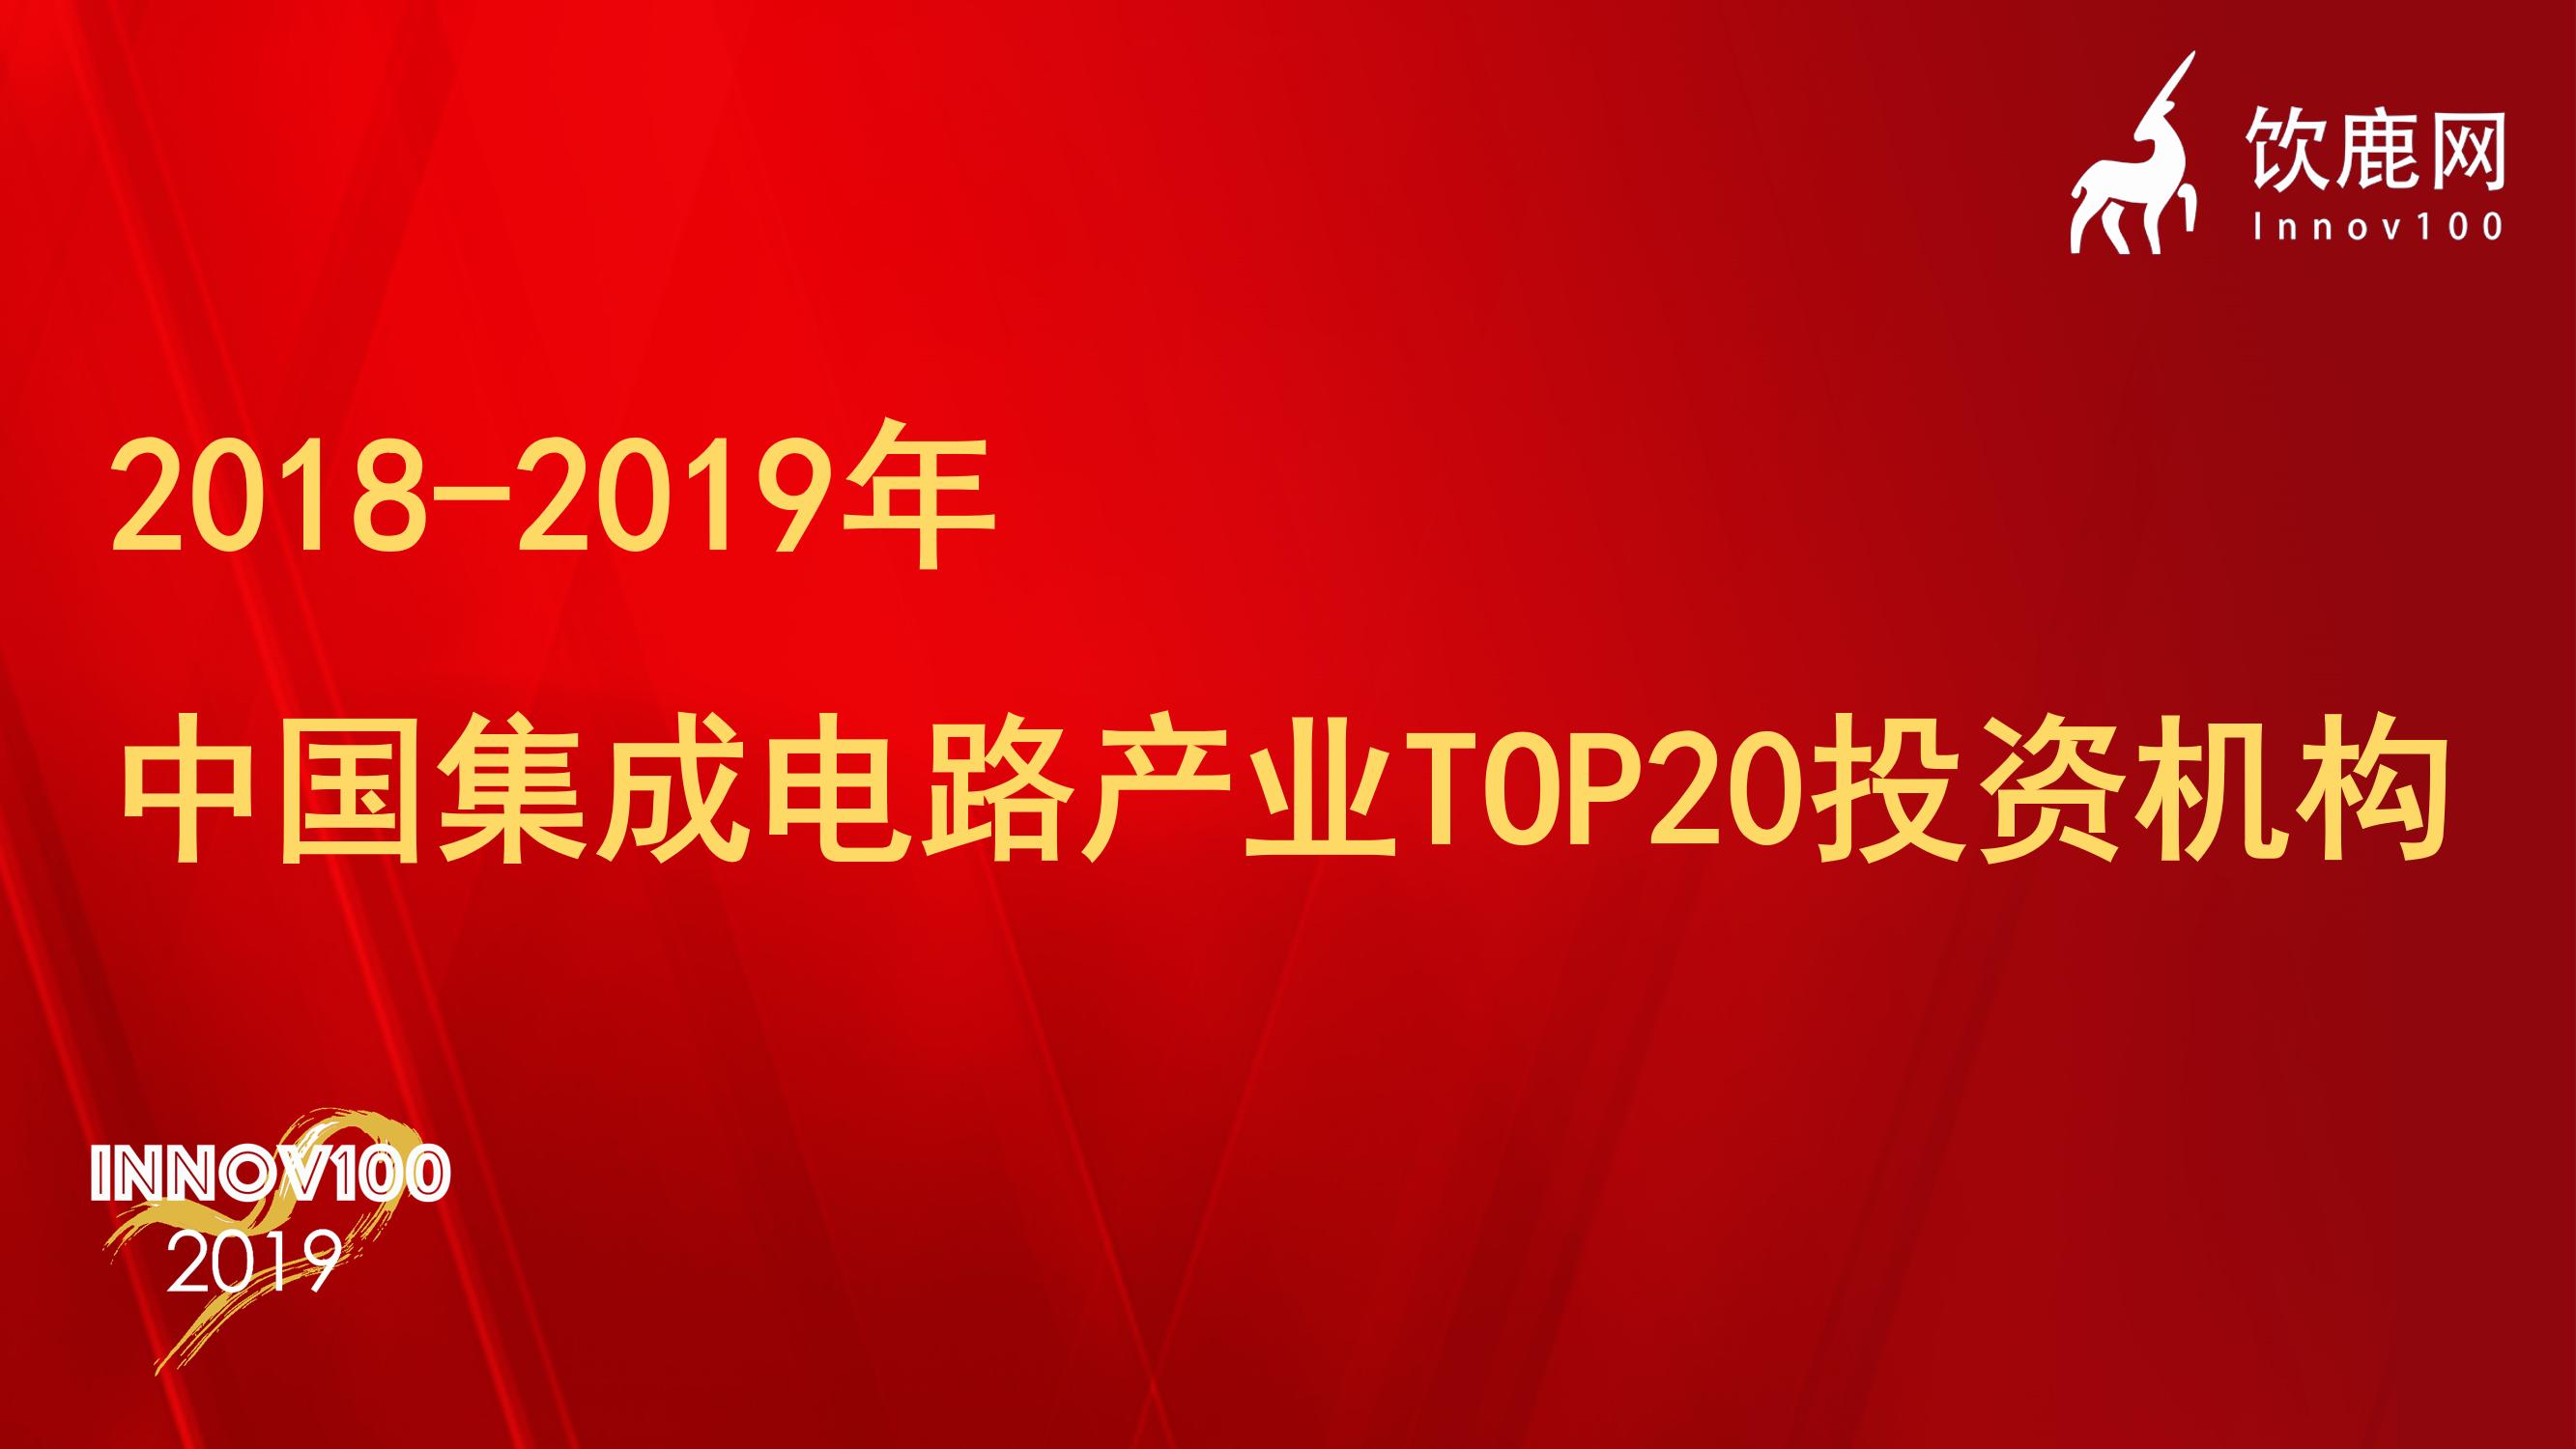 饮鹿网2018-2019年中国集成电路产业TOP20投资机构榜单发布!